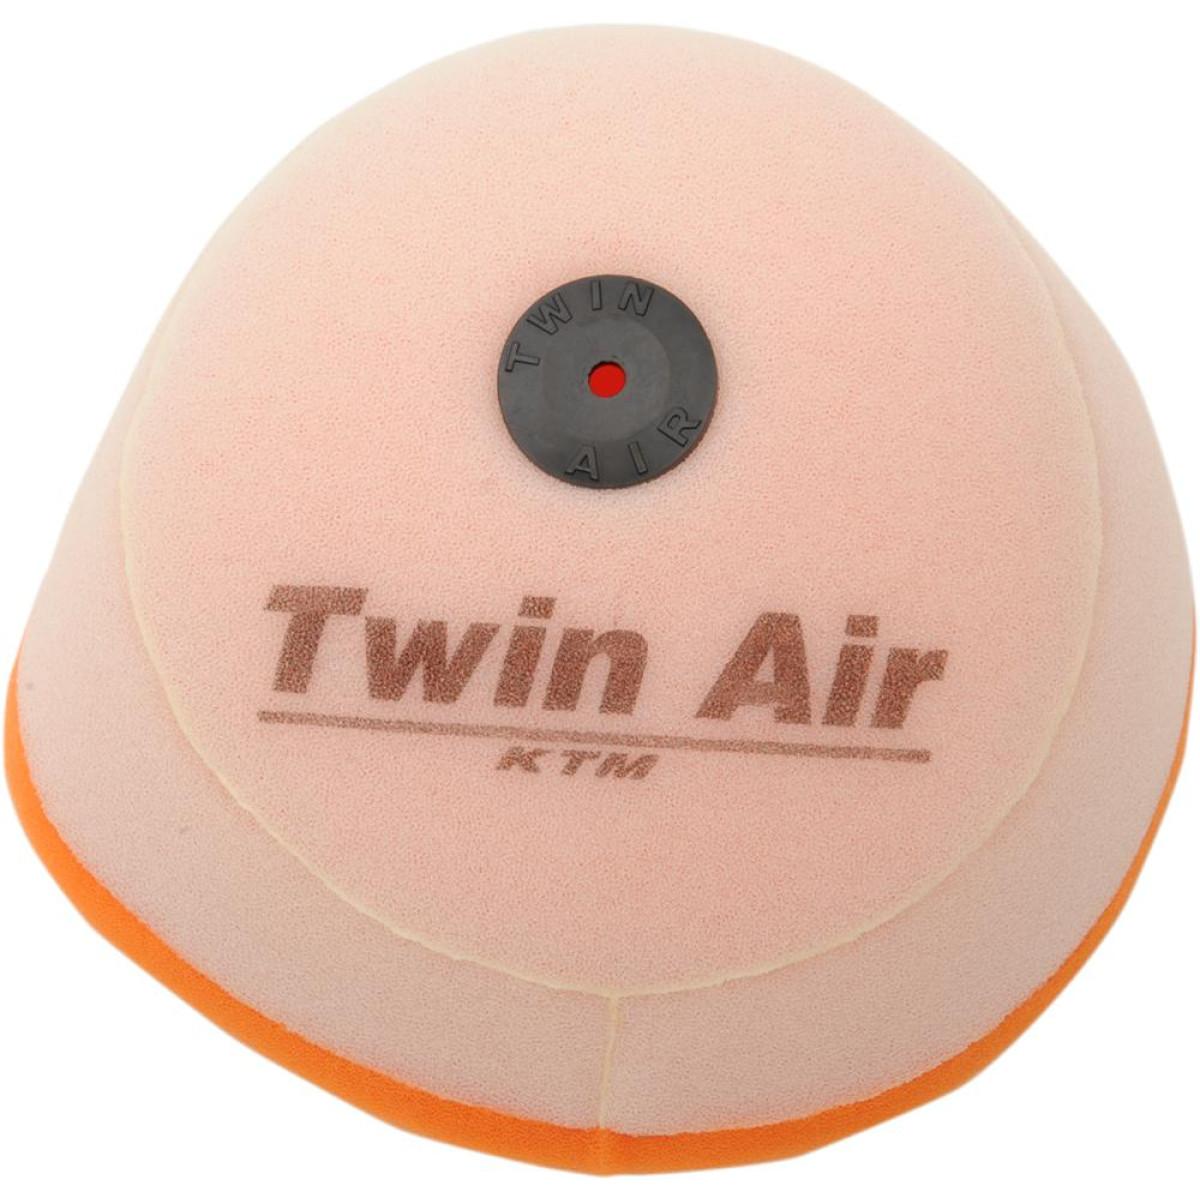 Twin Air Luftfilter  KTM EXC 125/200/250/300 98-03, SX 85/125/250